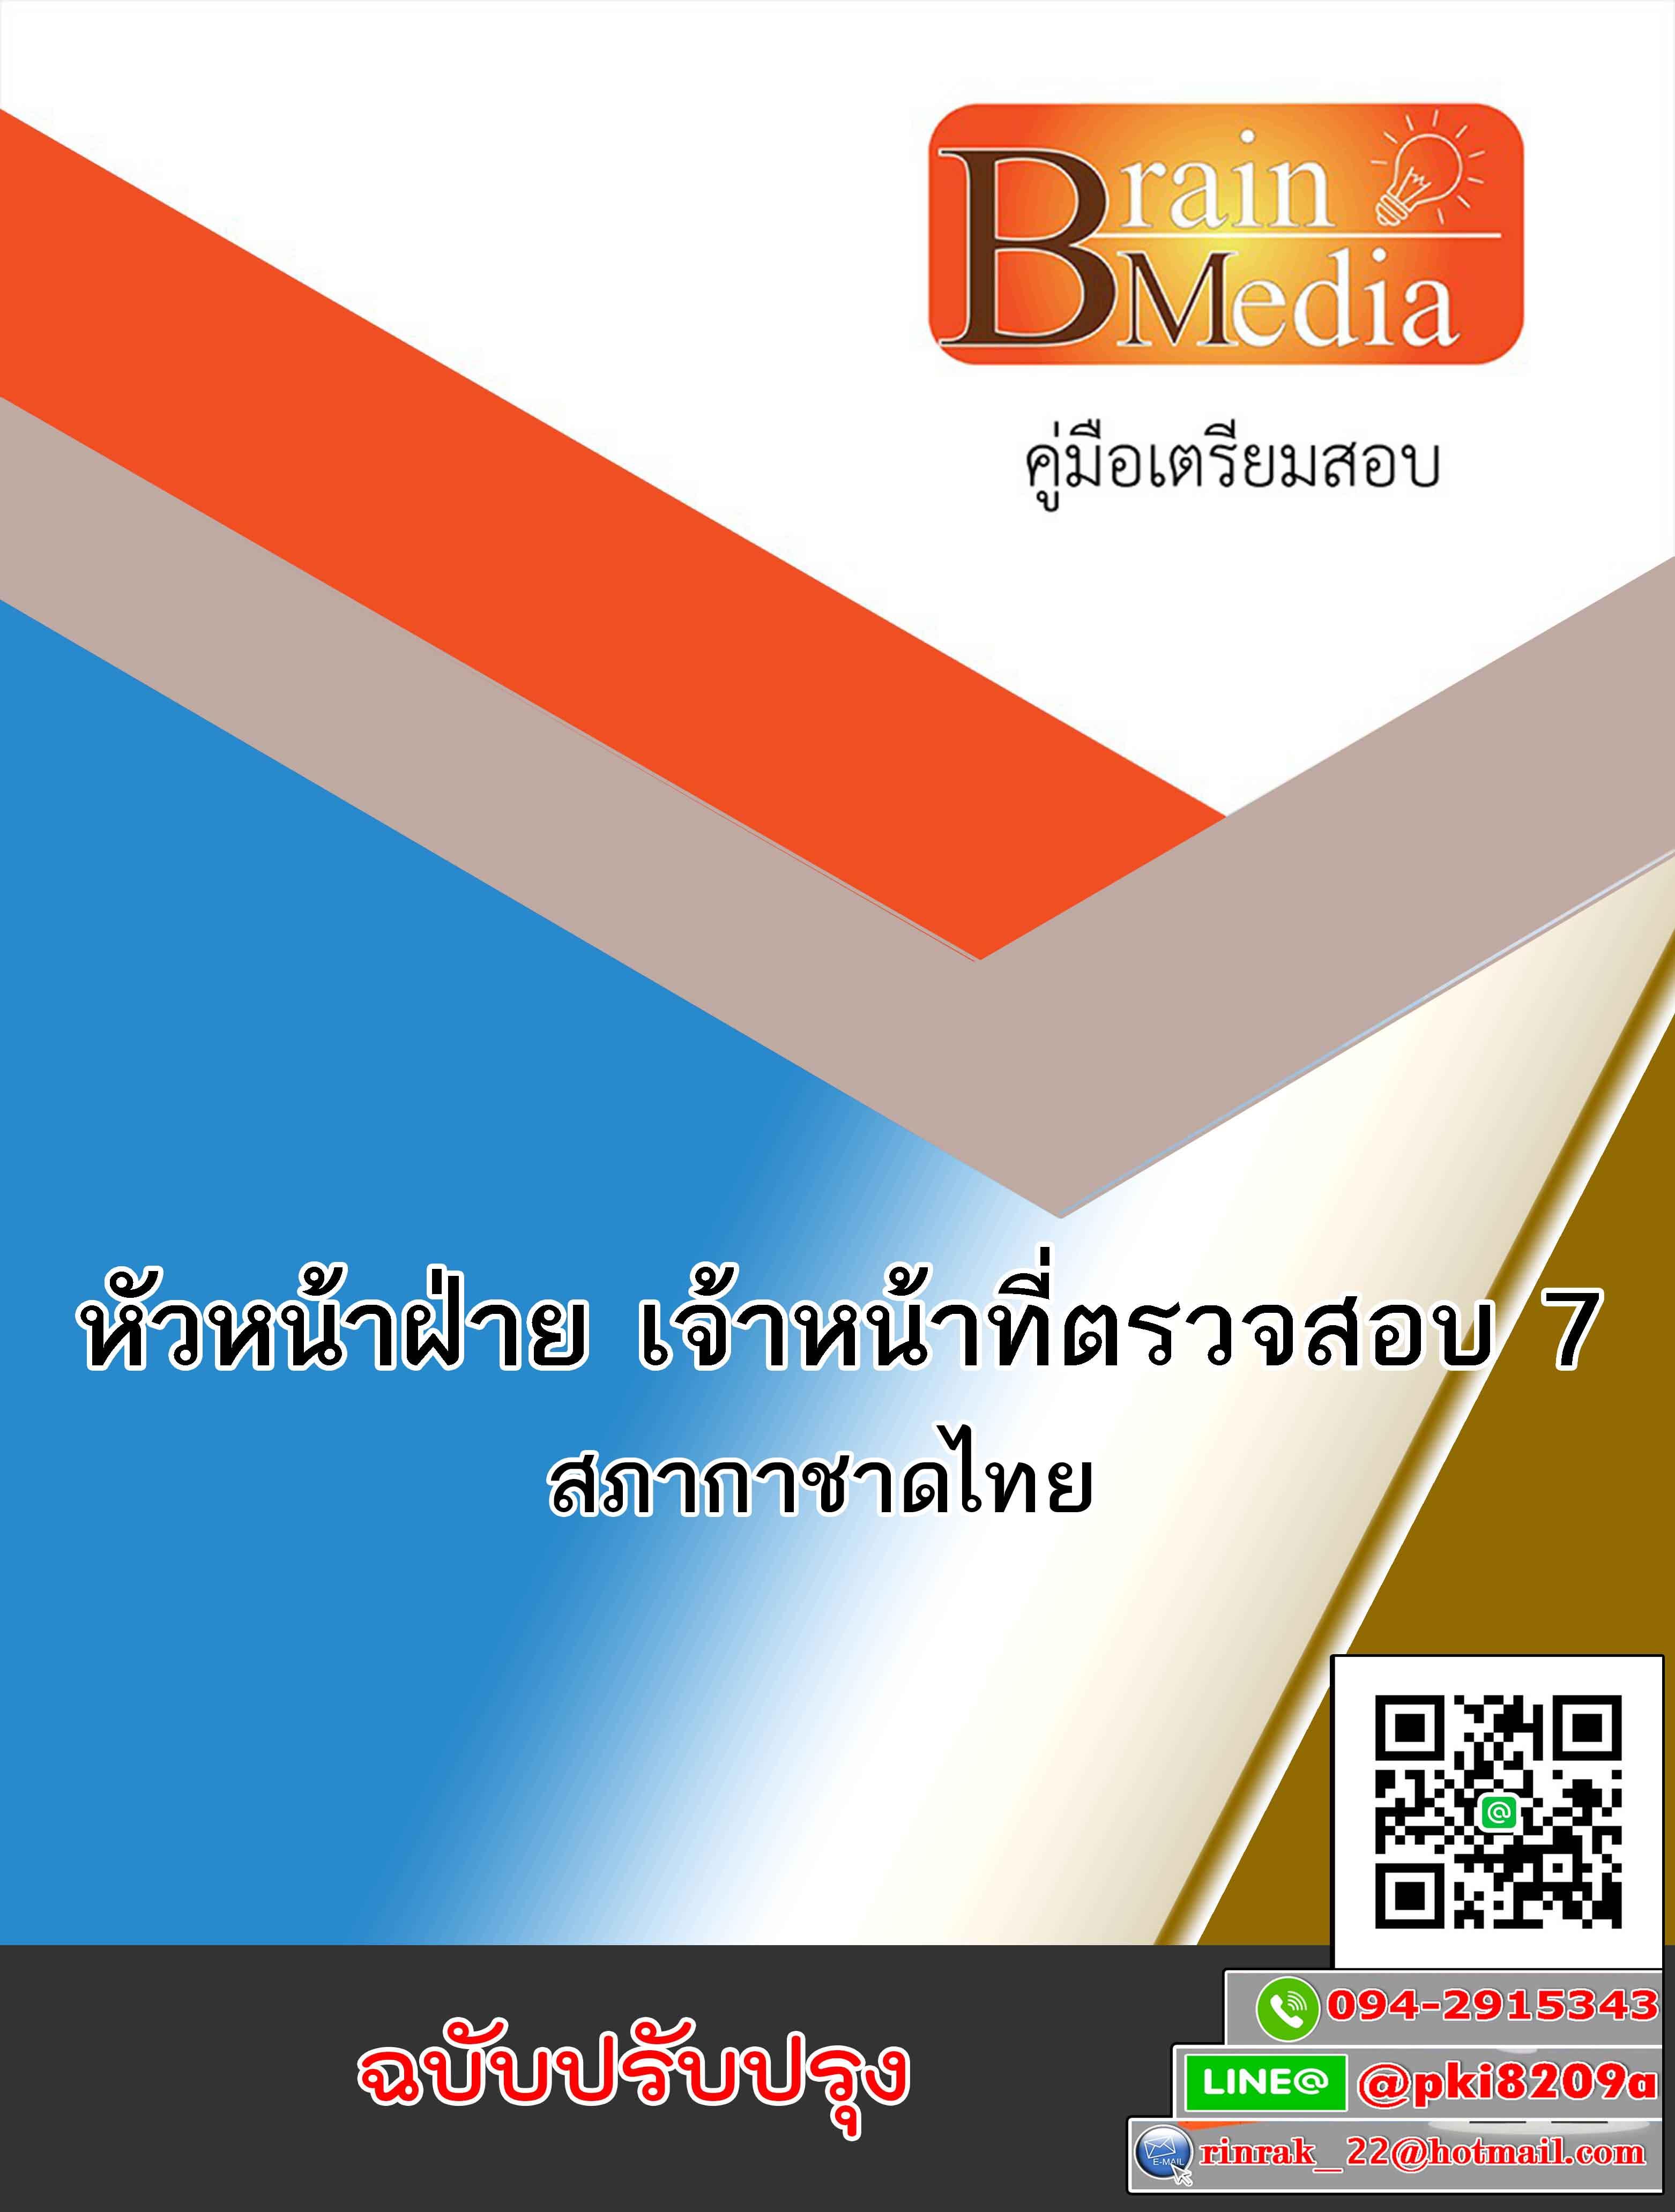 แนวข้อสอบ หัวหน้าฝ่าย เจ้าหน้าที่ตรวจสอบ 7 สภากาชาดไทย